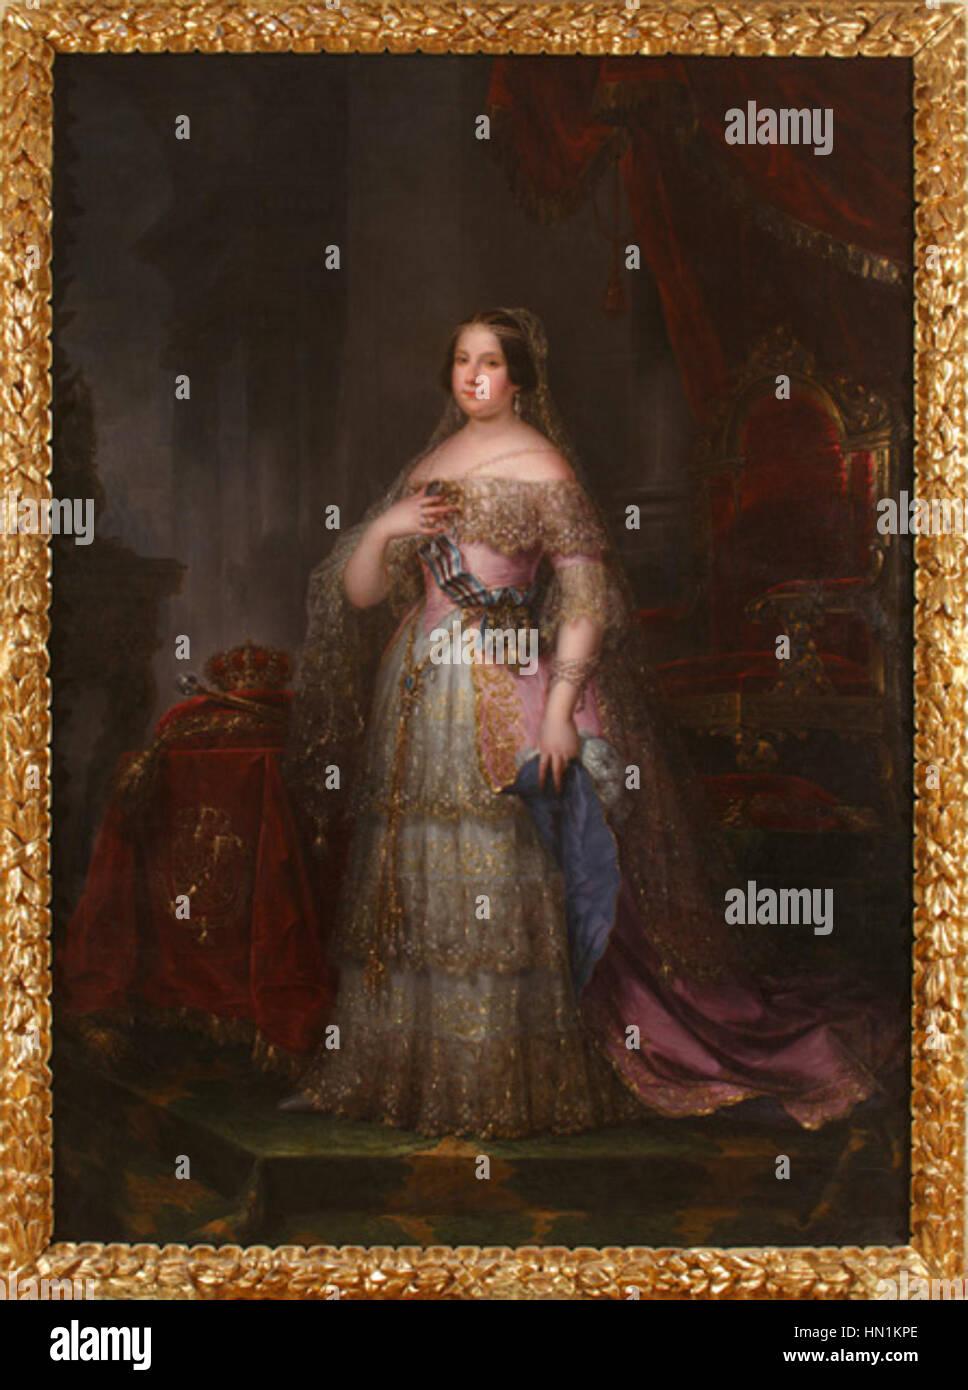 Museo del Romanticismo - CE0871 - Isabel II Immagini Stock